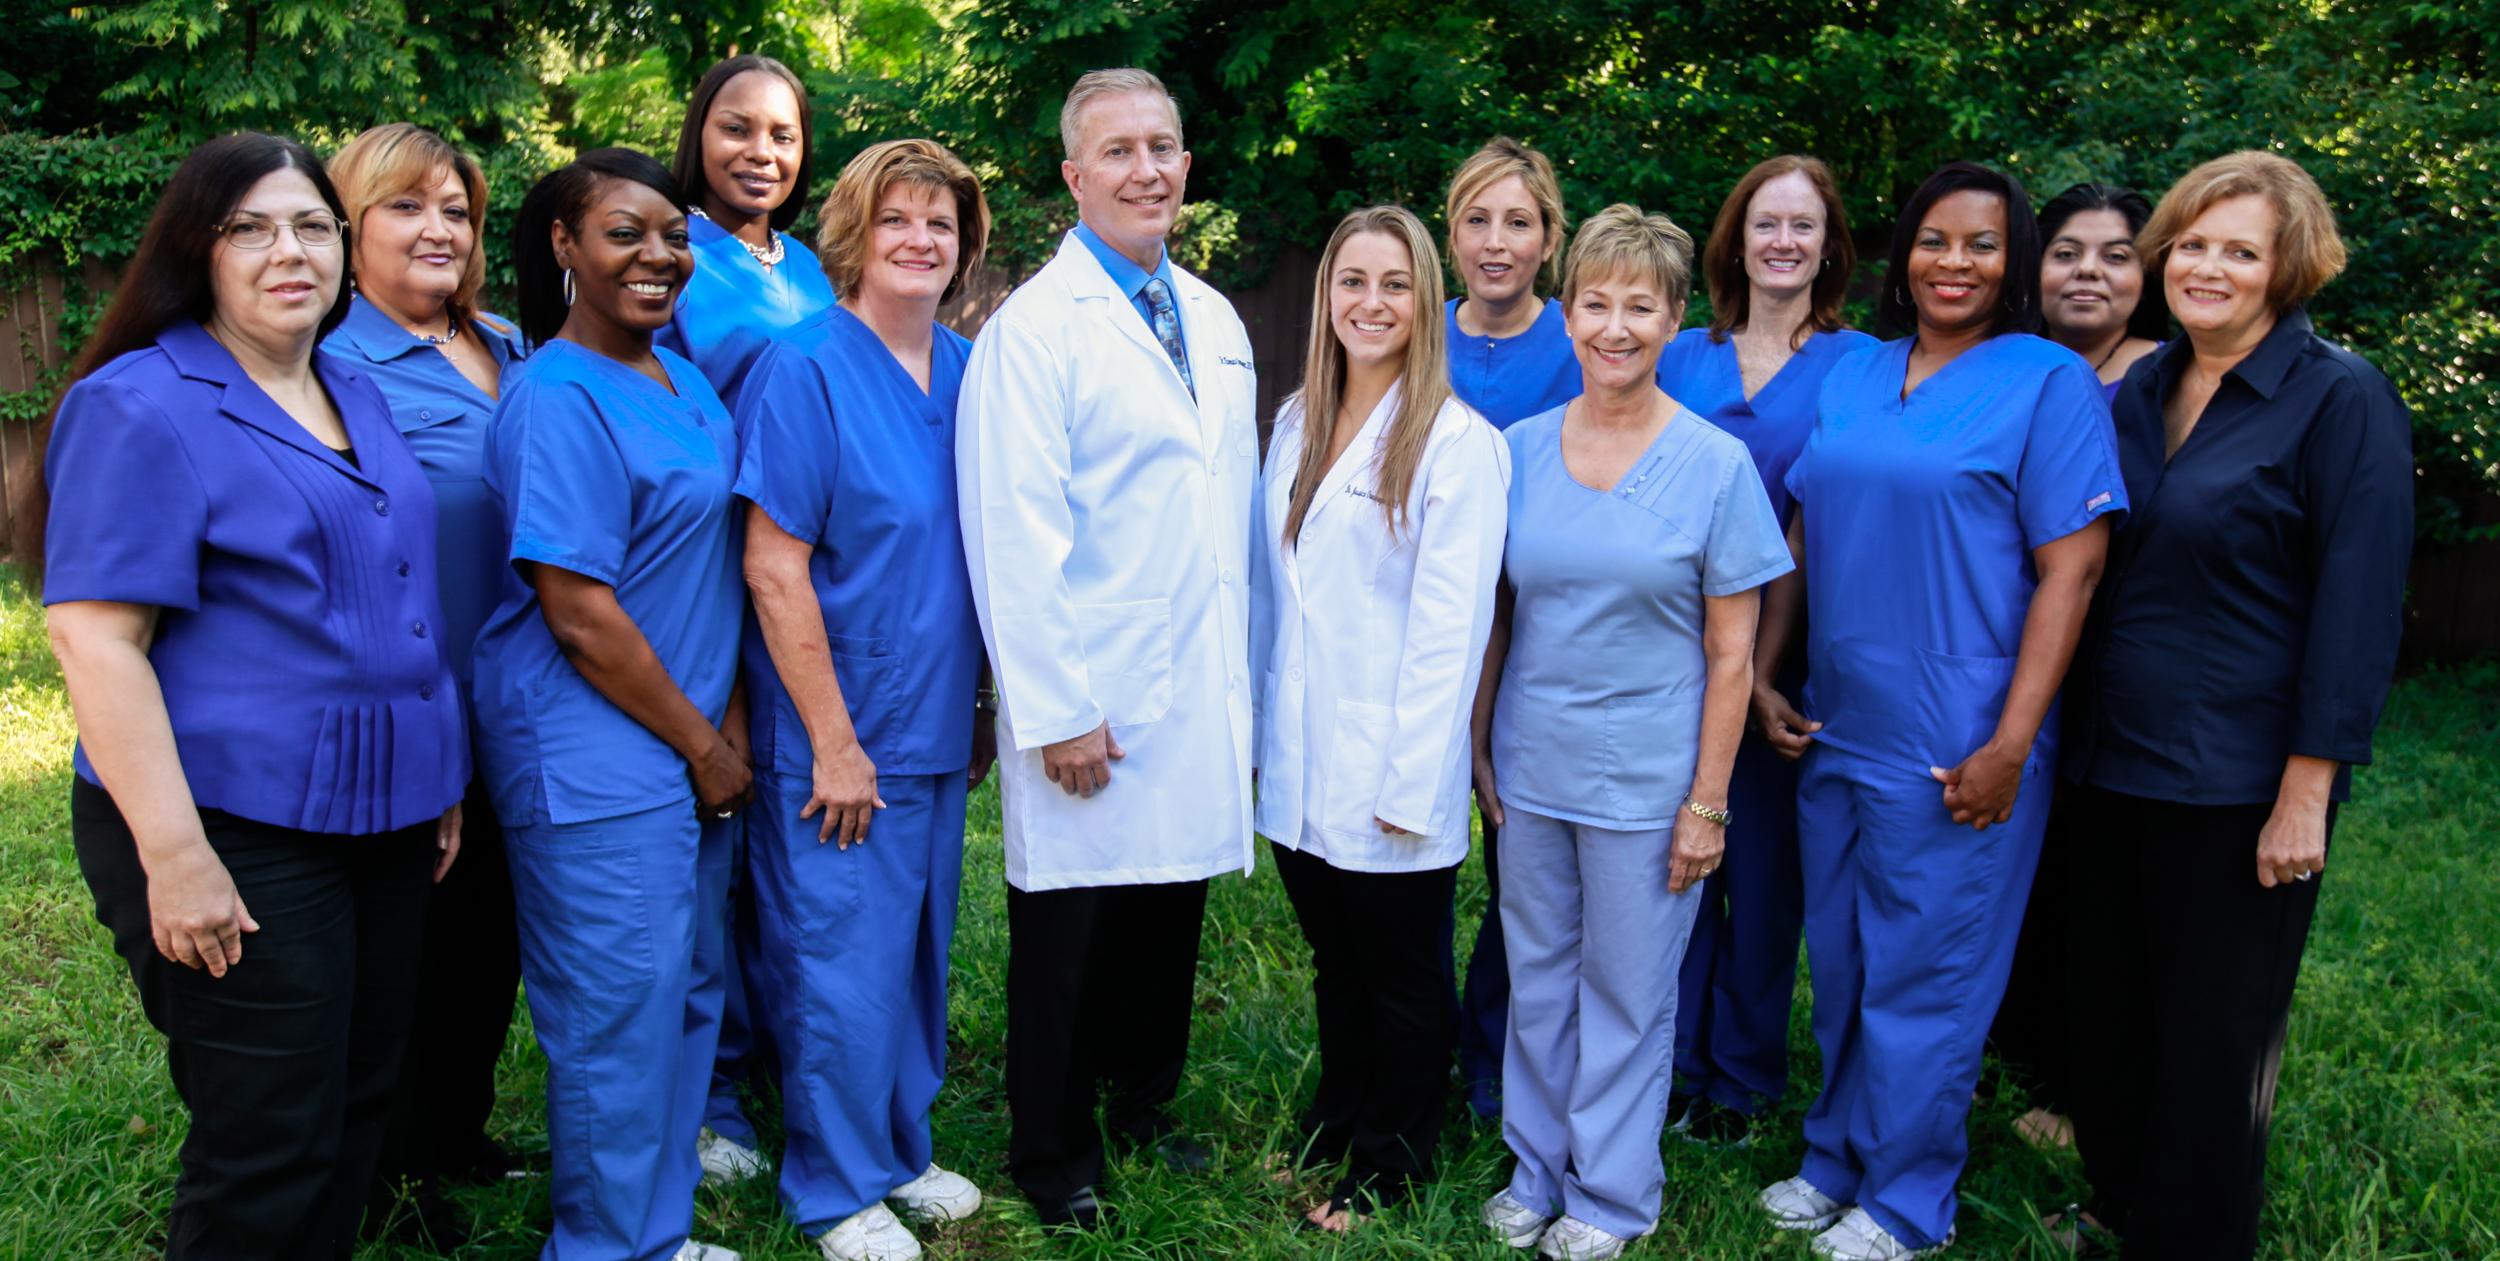 Overmeyer Family Dental - Dr. Thomas Overmeyer